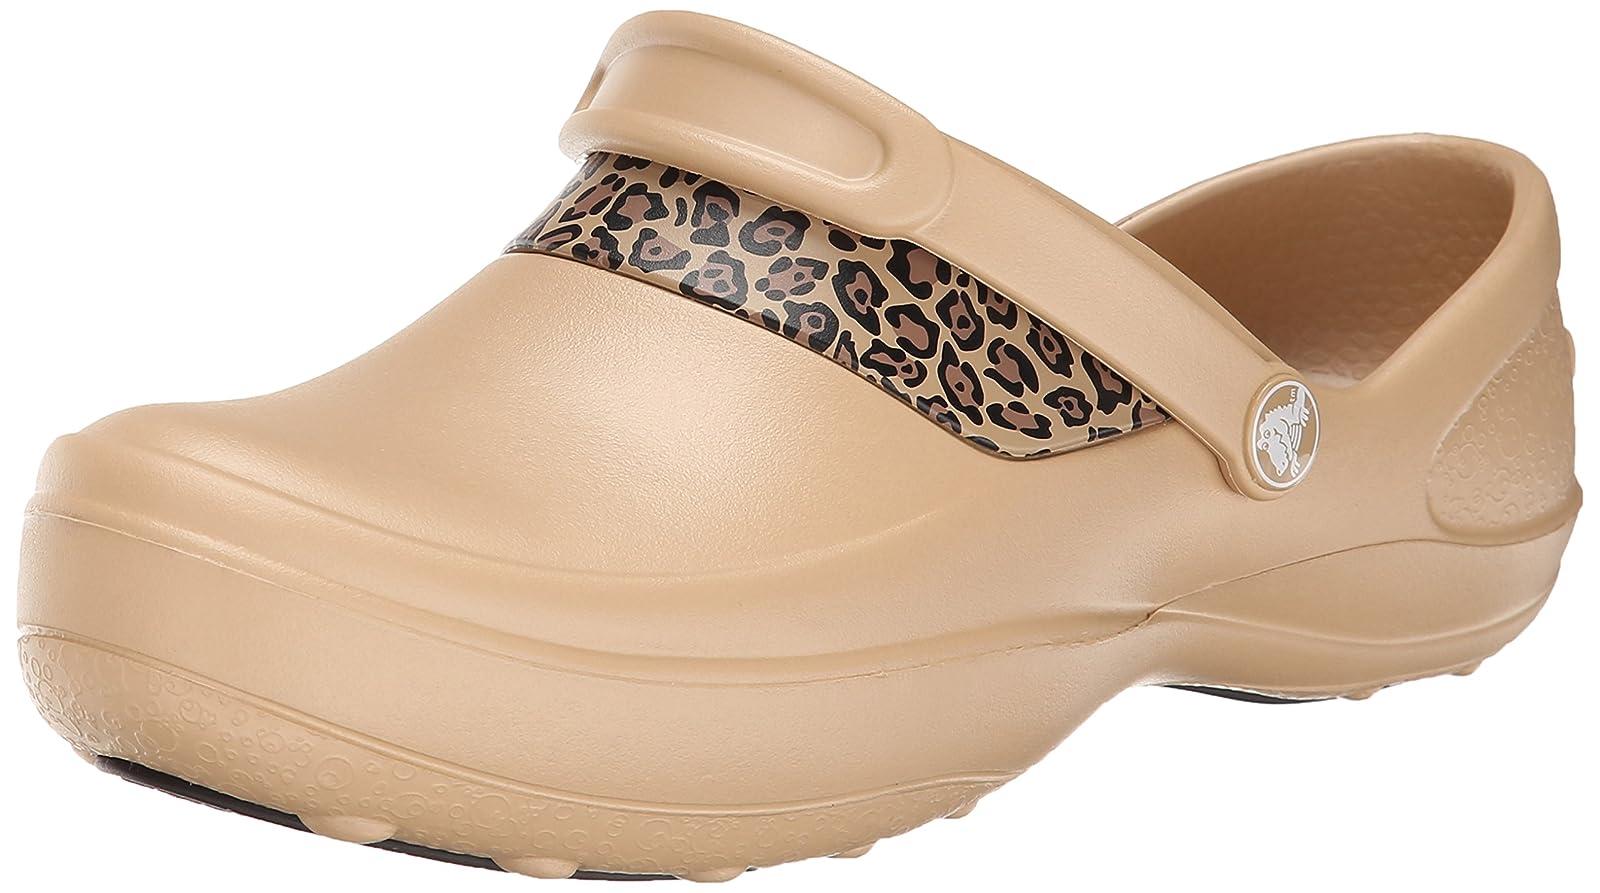 Crocs Women's Mercy Work Slip Resistant - 7